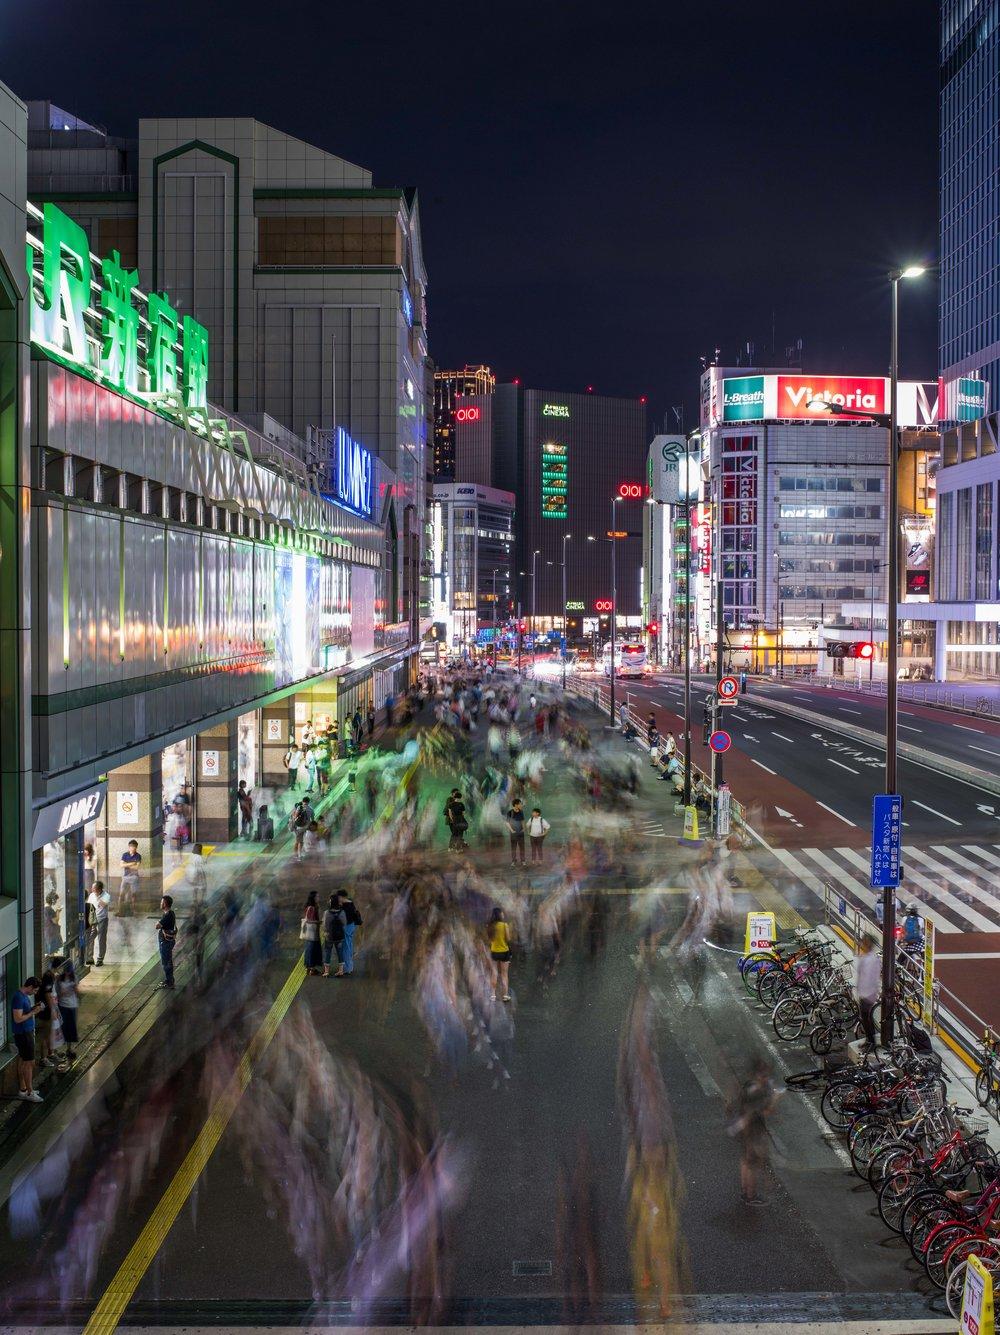 Framför JR Shinjuku Station, världens största tågstation, en vanlig sensommarkväll